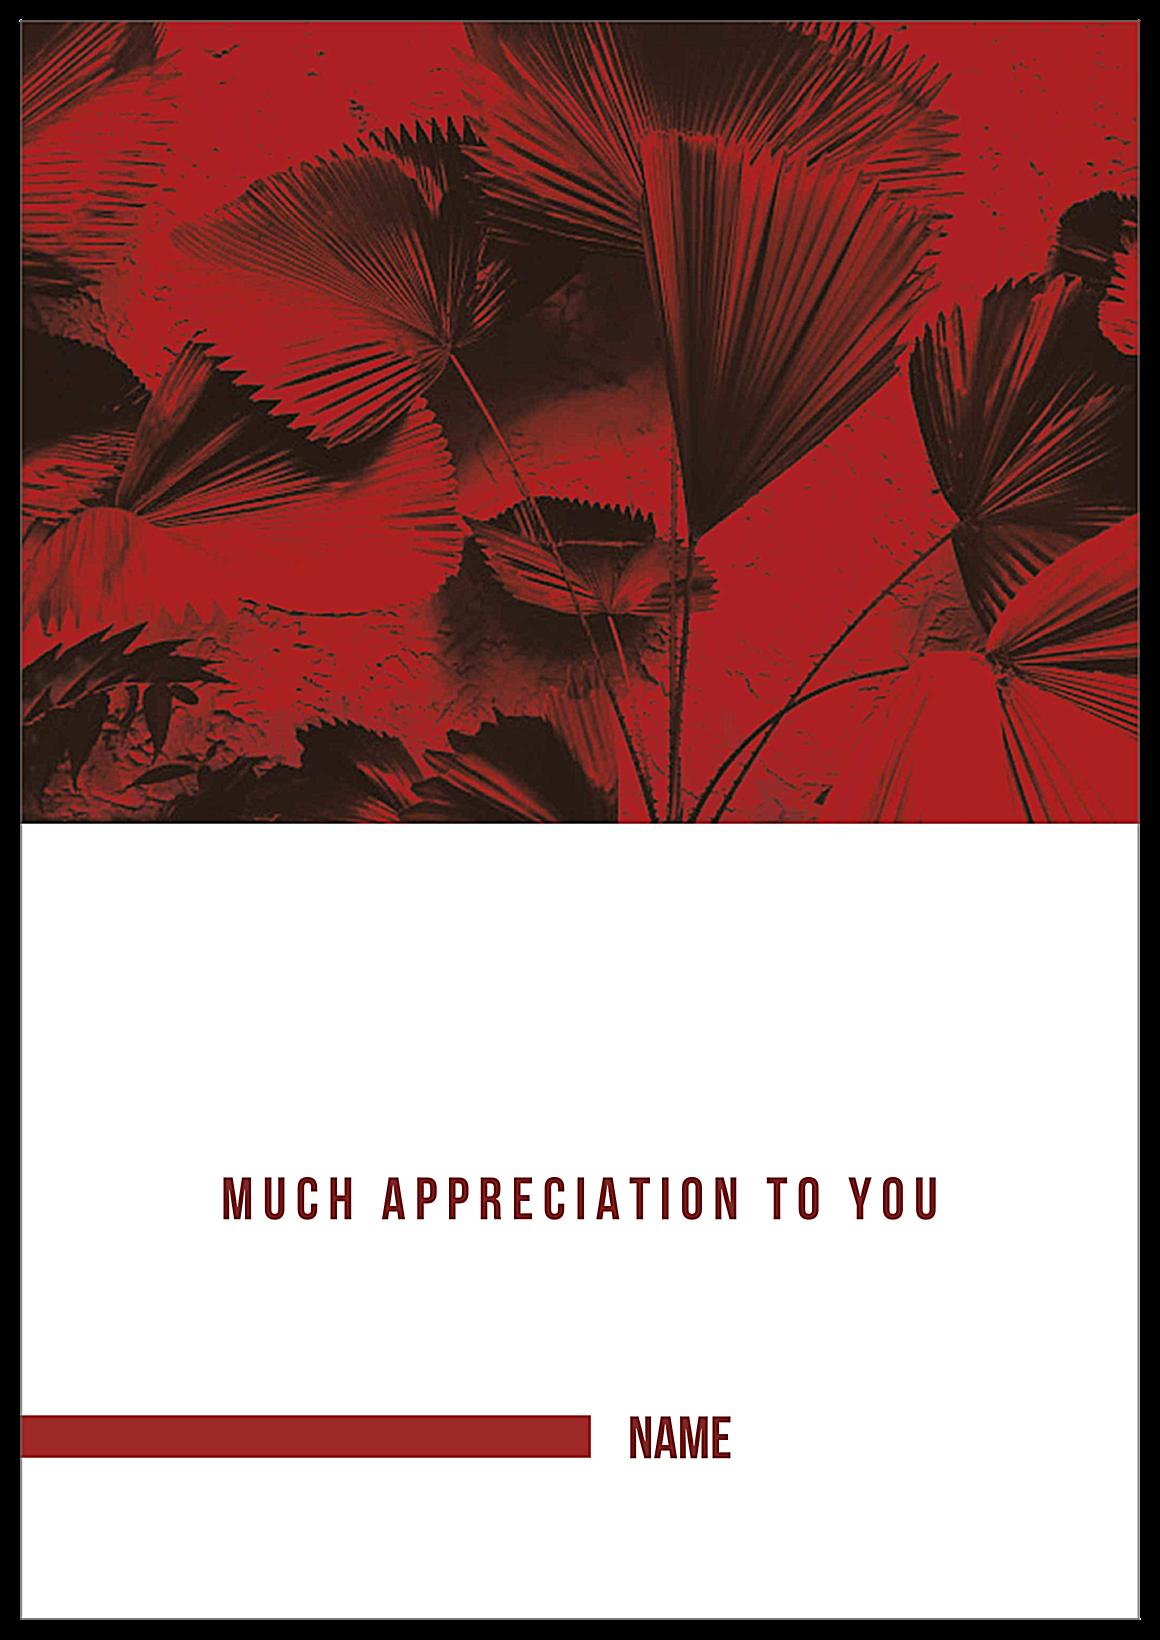 Big Thanks back - Greeting Cards Maker